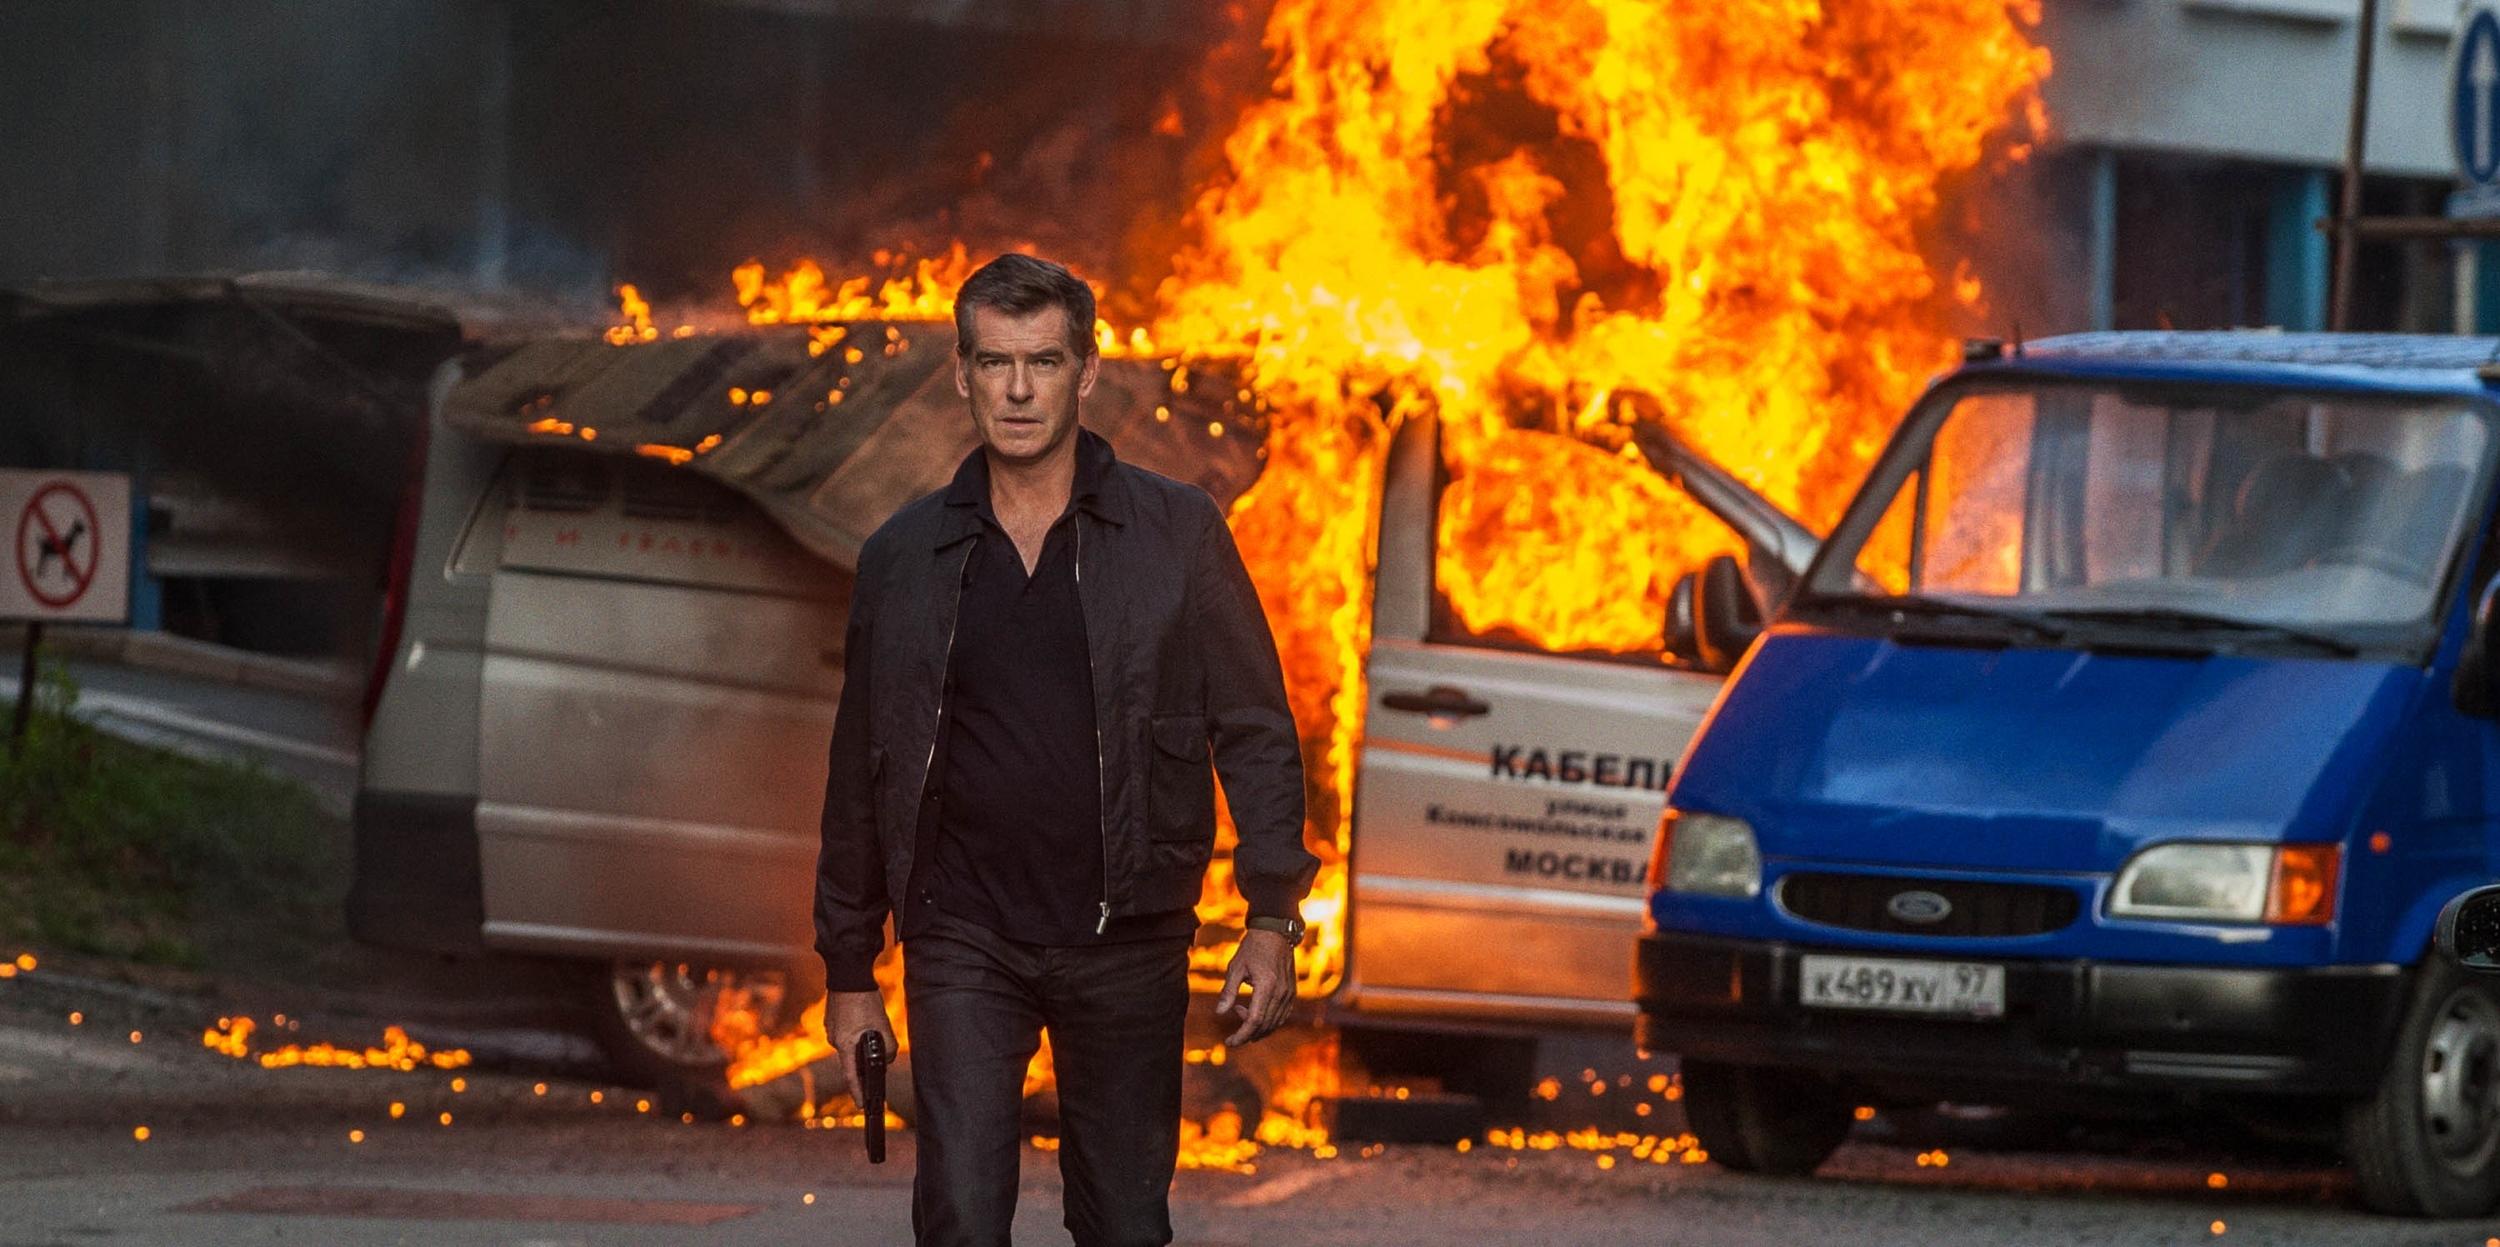 trailer-for-pierce-brosnans-spy-thriller-the-november-man